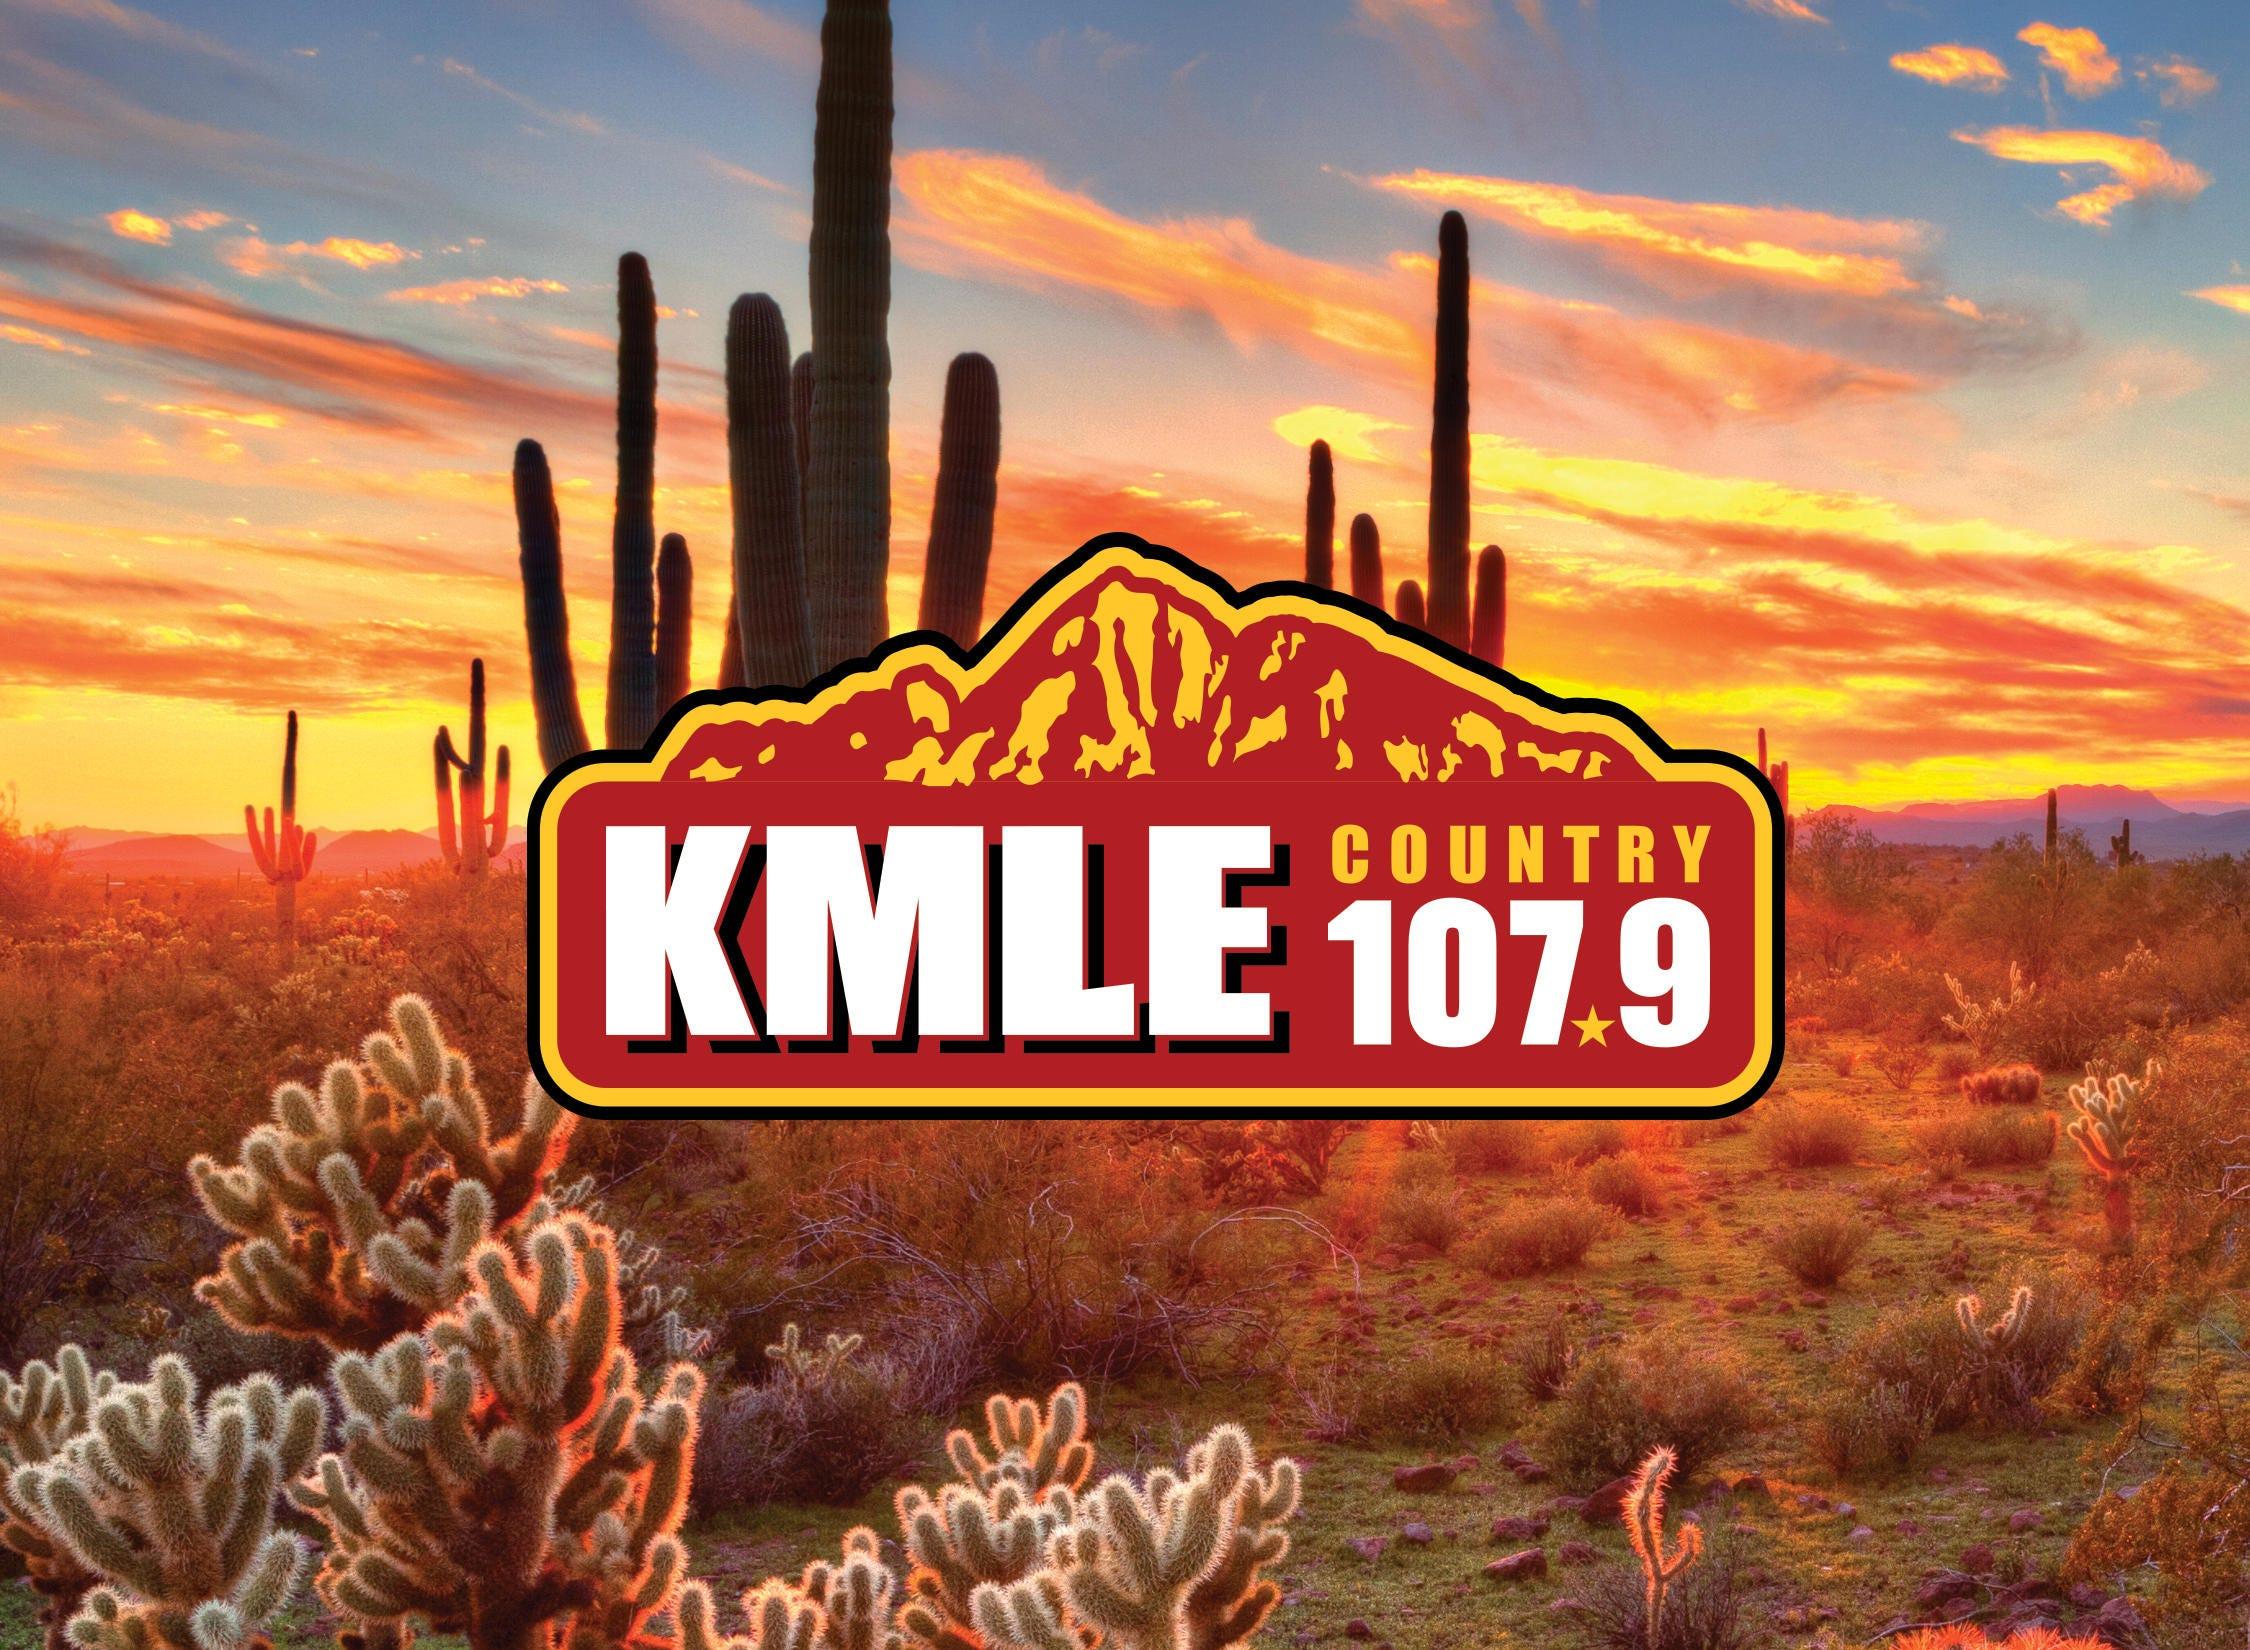 KMLE Morning Show